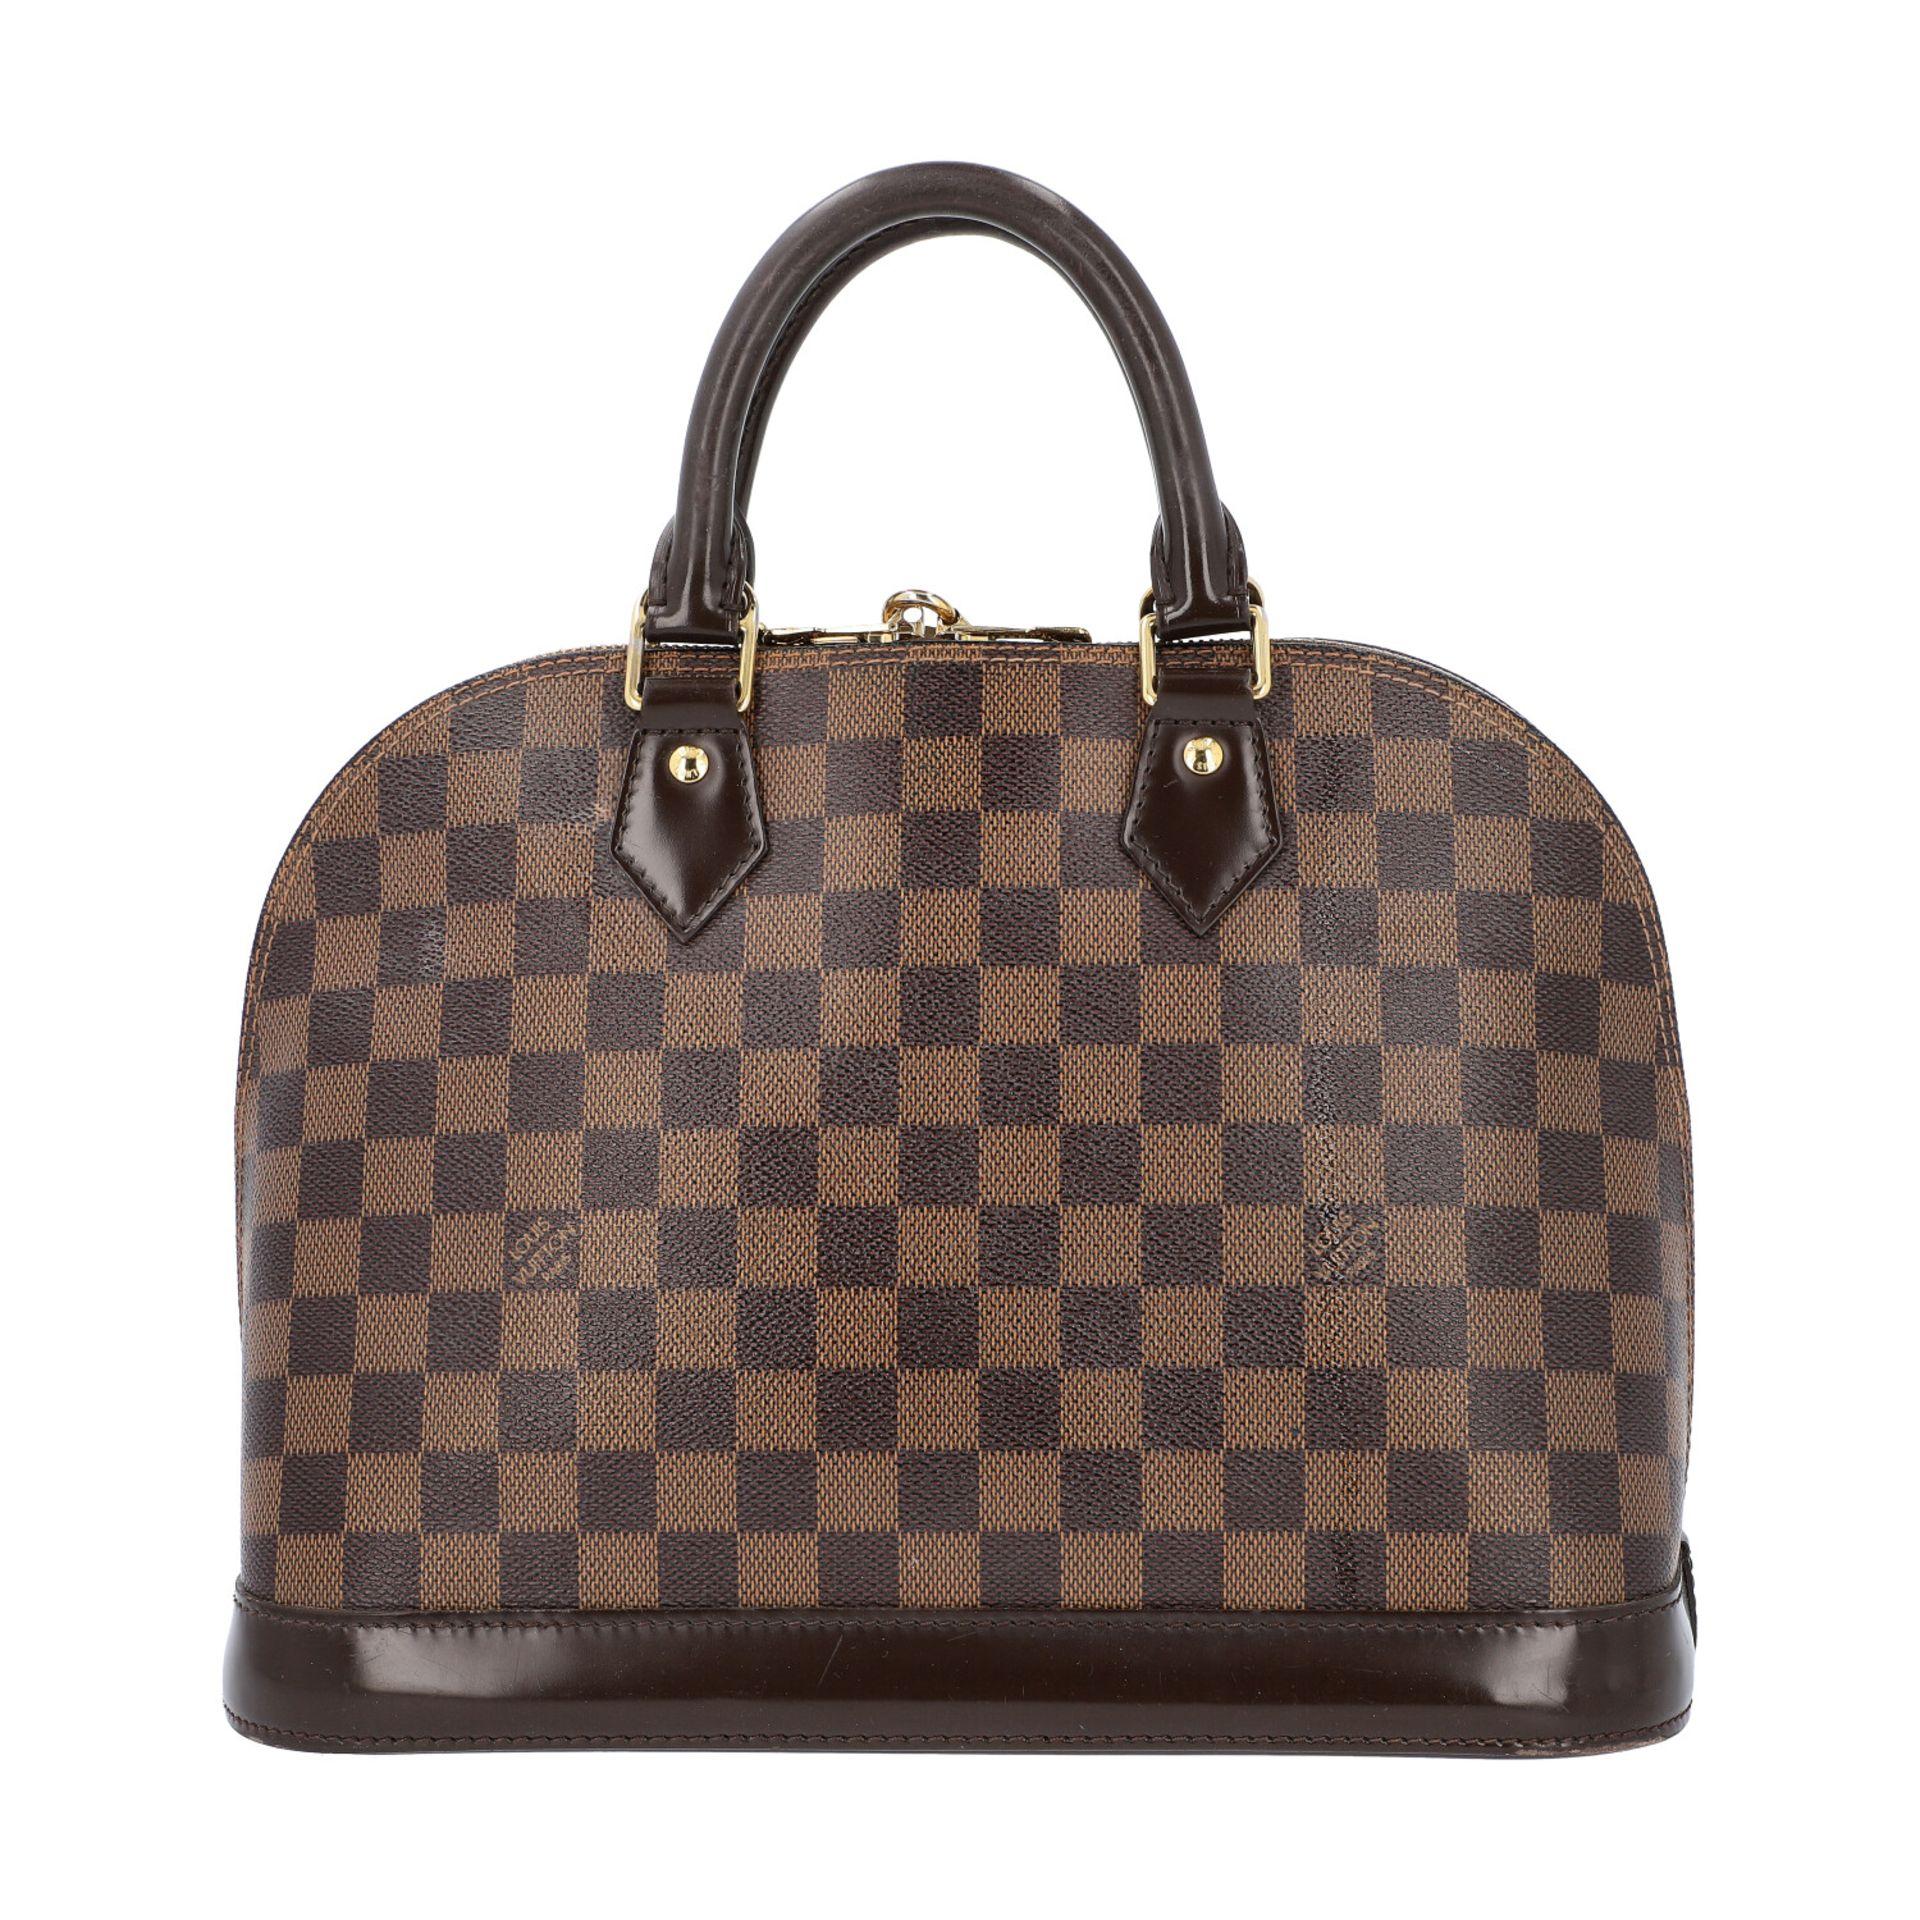 """LOUIS VUITTON Handtasche """"ALMA PM"""", Koll. 2010.Akt. NP.: 1.250,-€. Damier Ebene Serie mit - Bild 4 aus 8"""